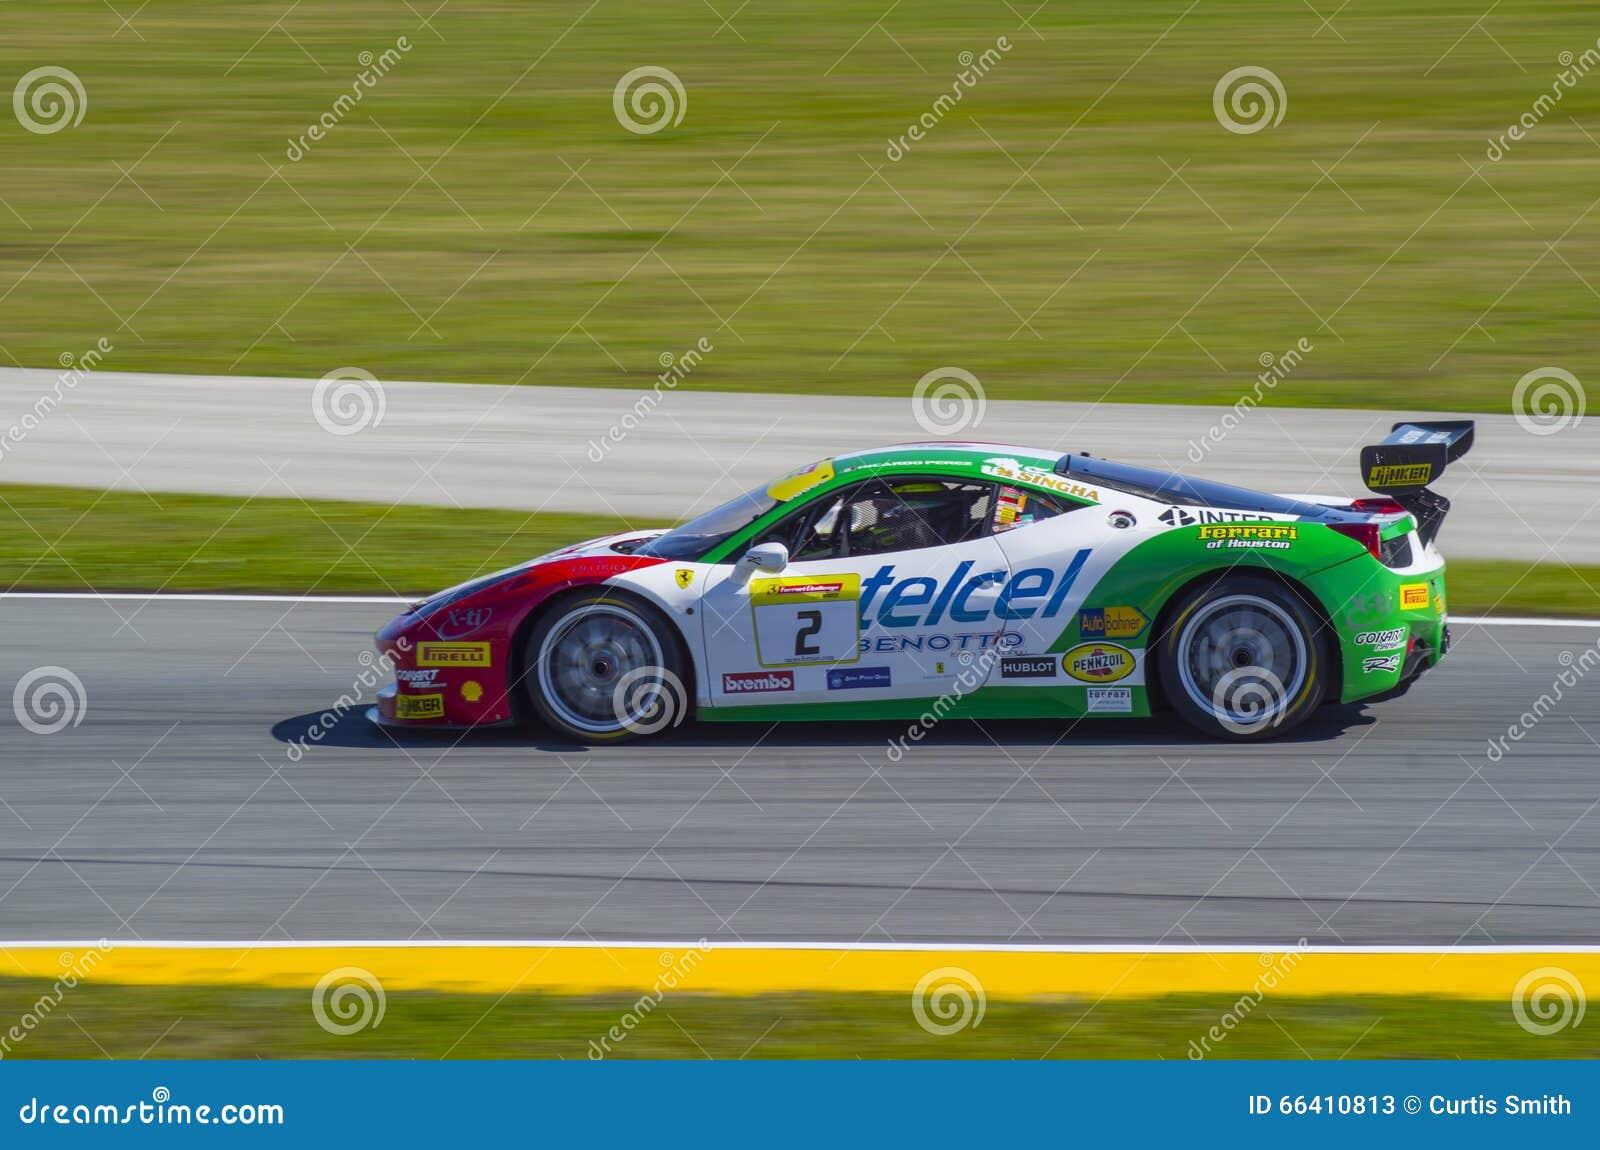 Ferrari Challenge 2016 Daytona winning car of Ricardo Perez de Lara